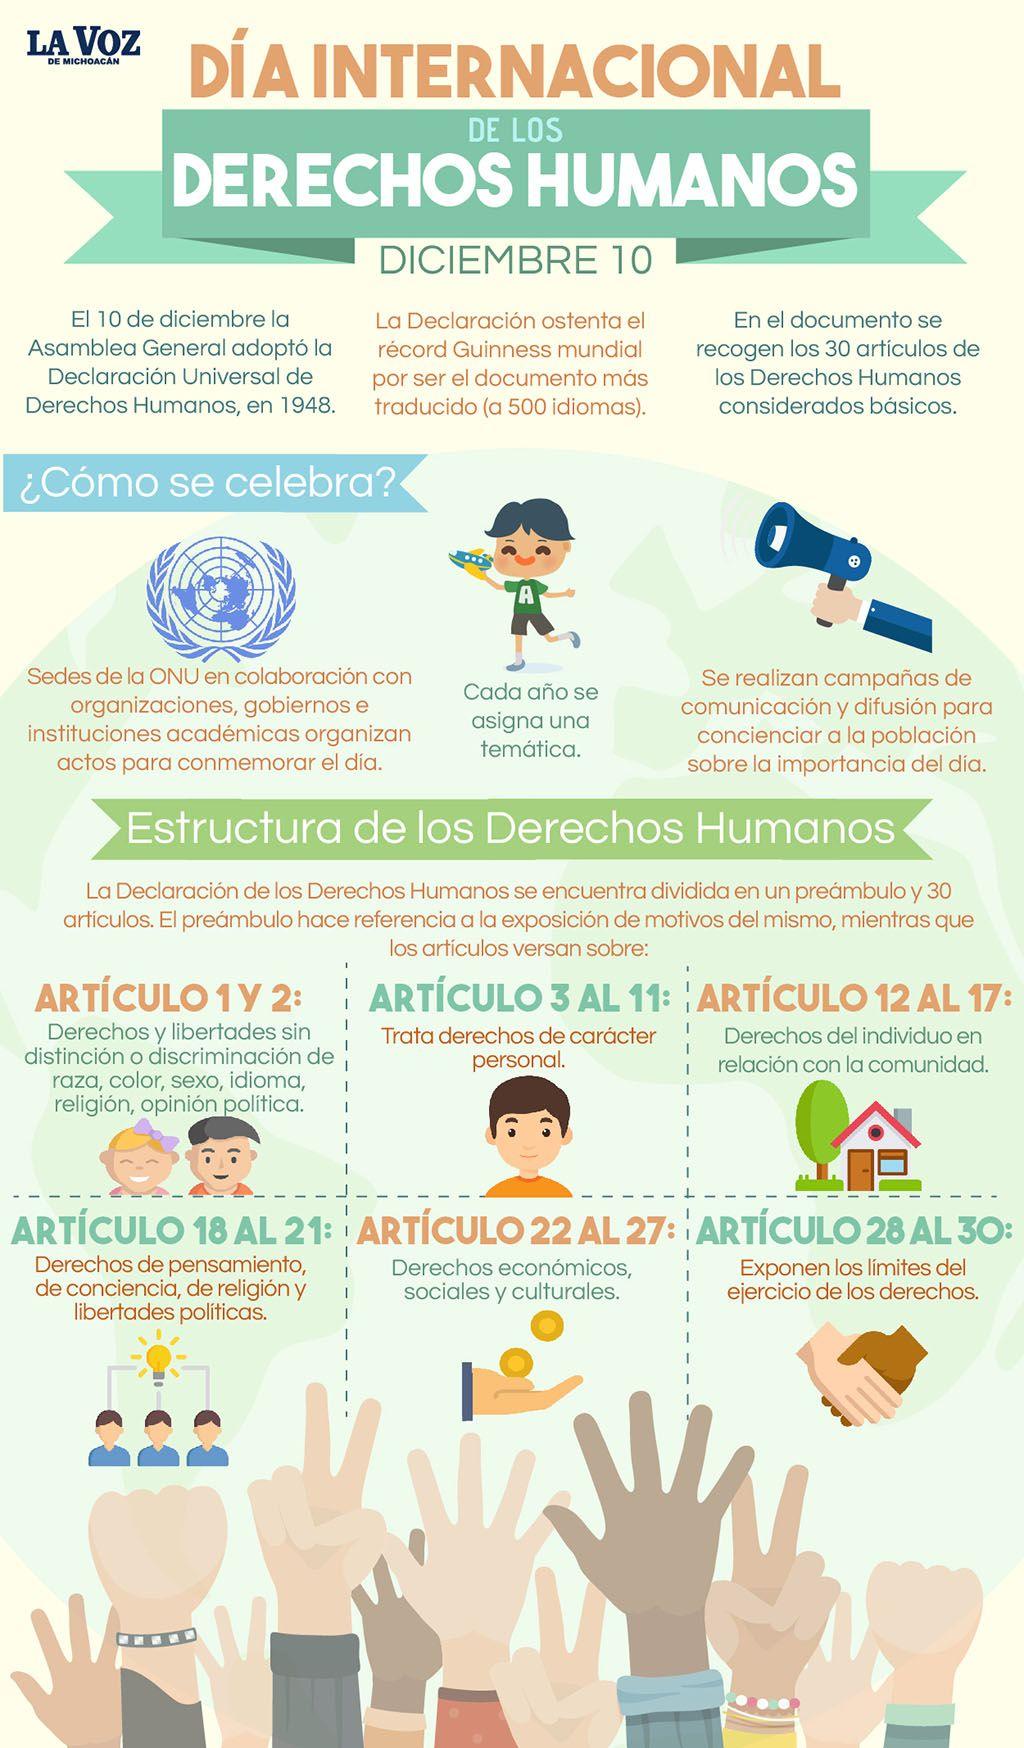 Derechos Humanos Dia Internacional 10 Diciembre Declaracion De Los Derechos Humanos Dia De Los Derechos Humanos Derechos Humanos